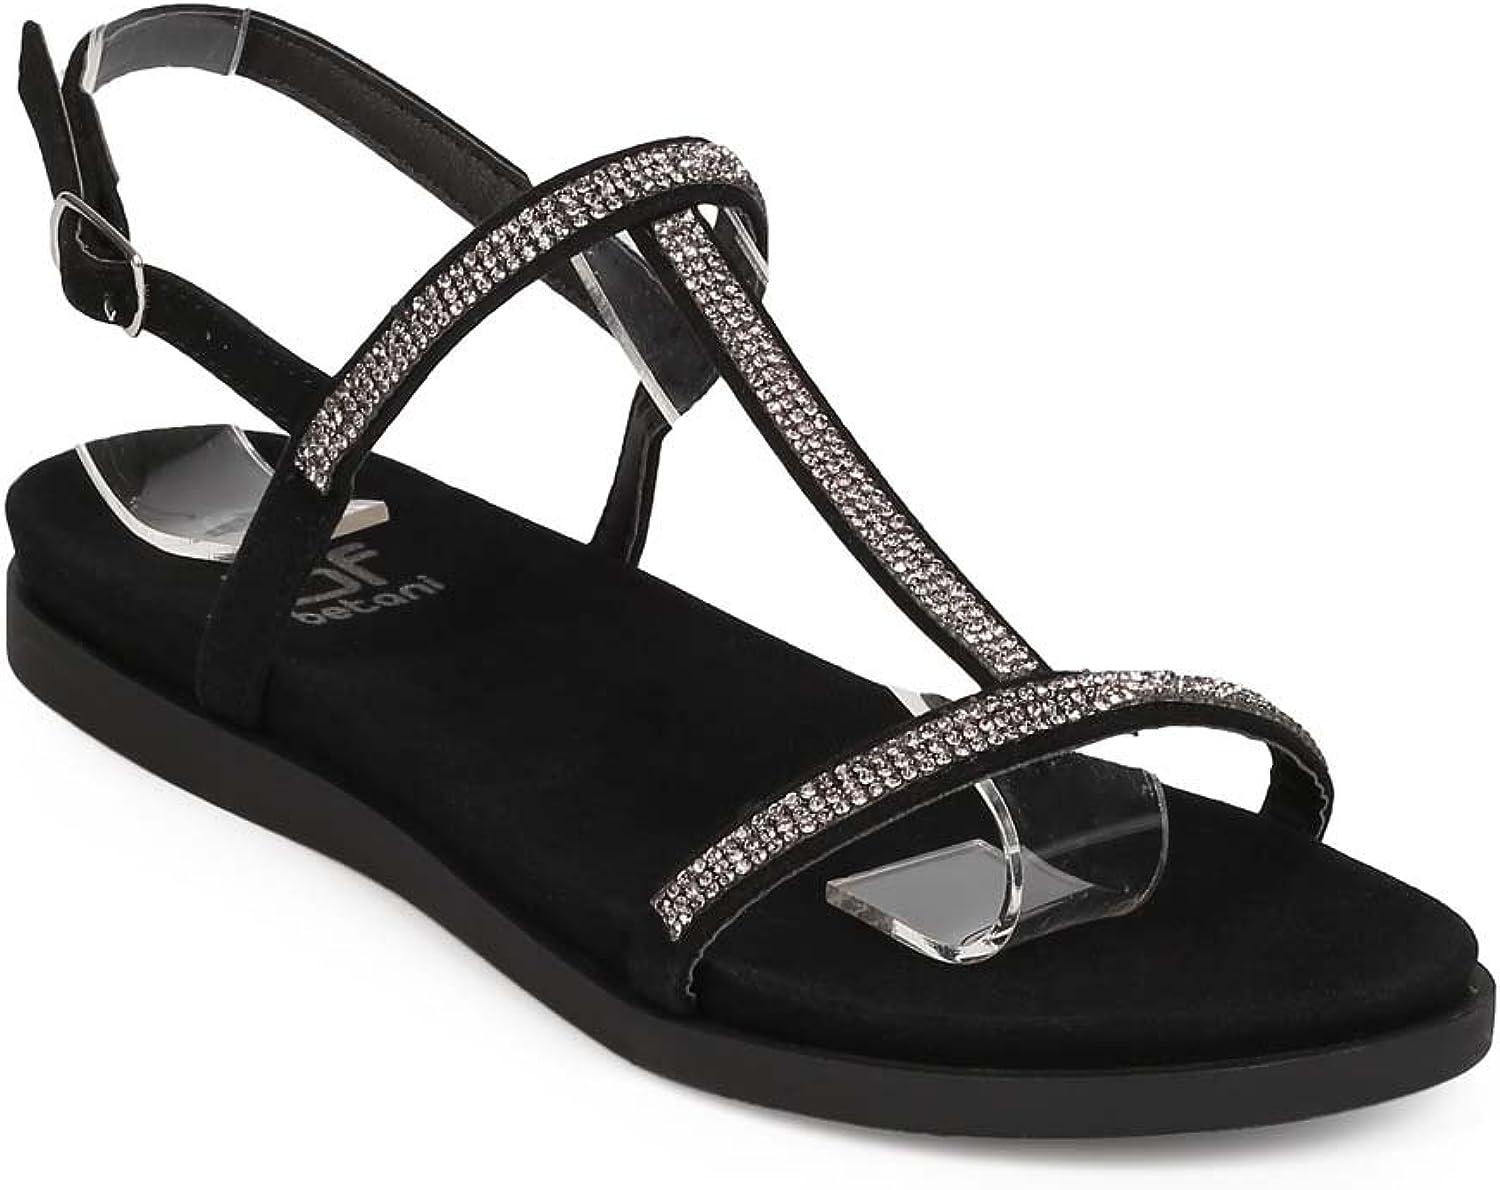 Women Suede Open Toe Rhinestone T-Strap Slingback Sandal EE66 - Black